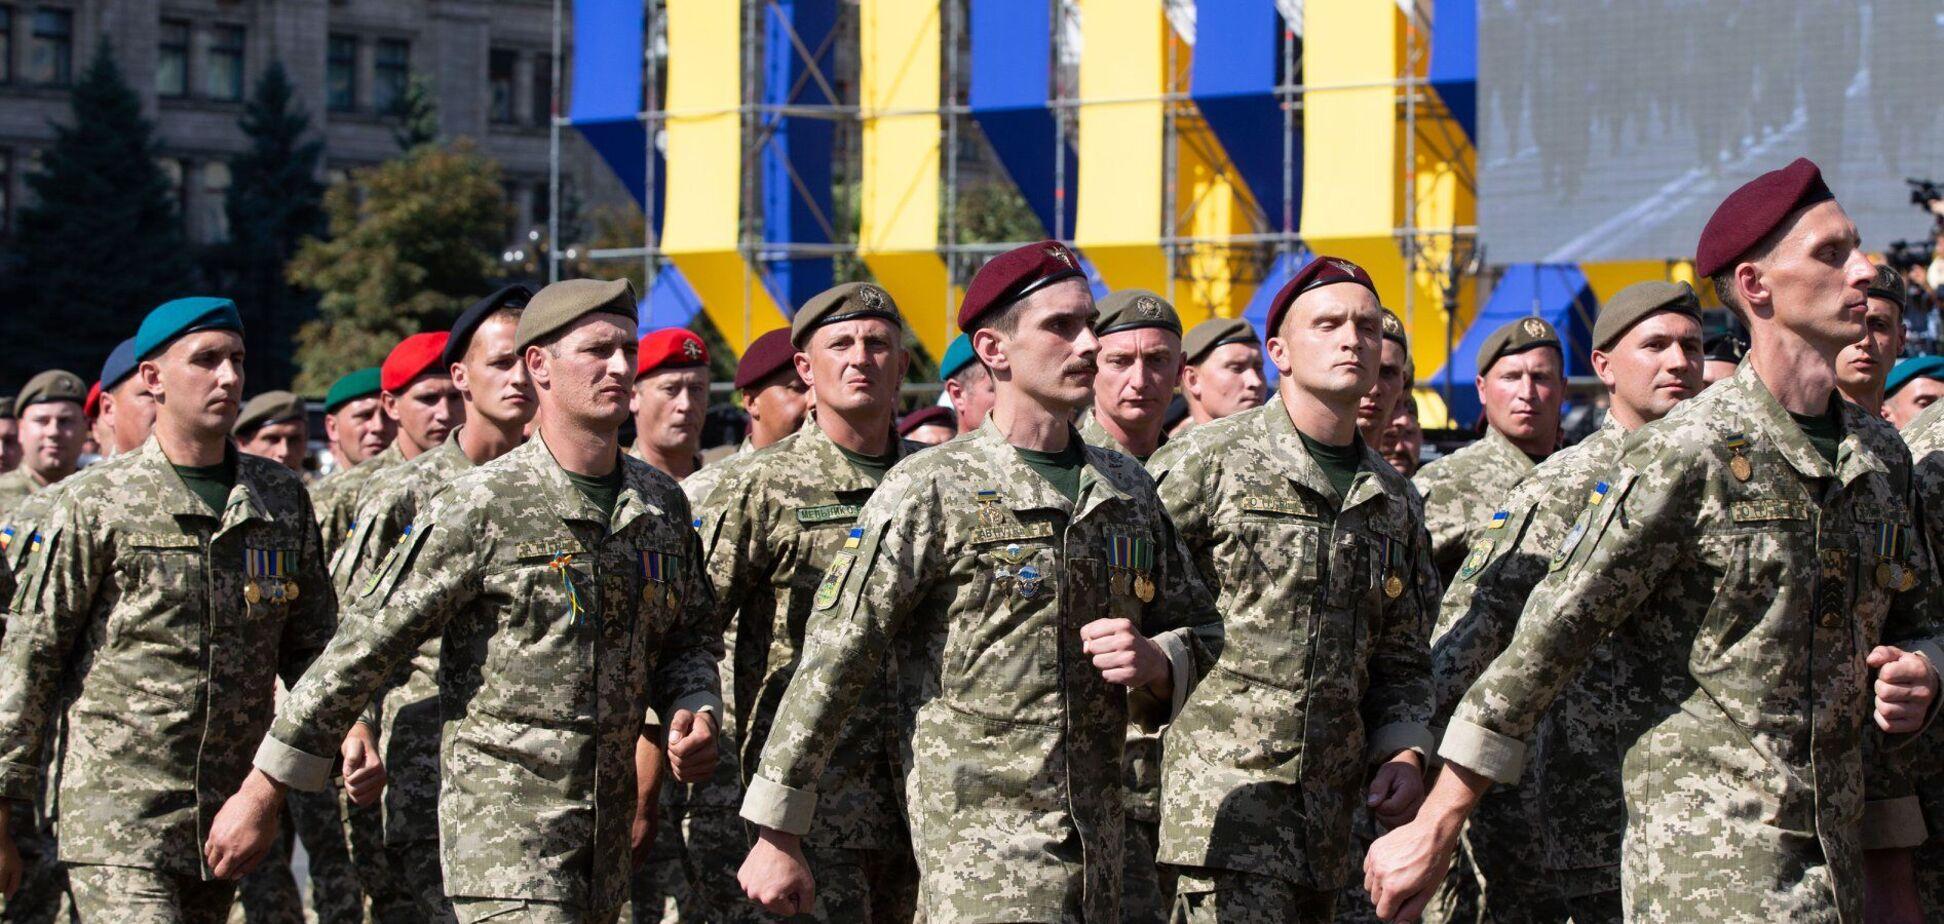 Добровольцы стали первым щитом в войне с российским агрессором, – Порошенко